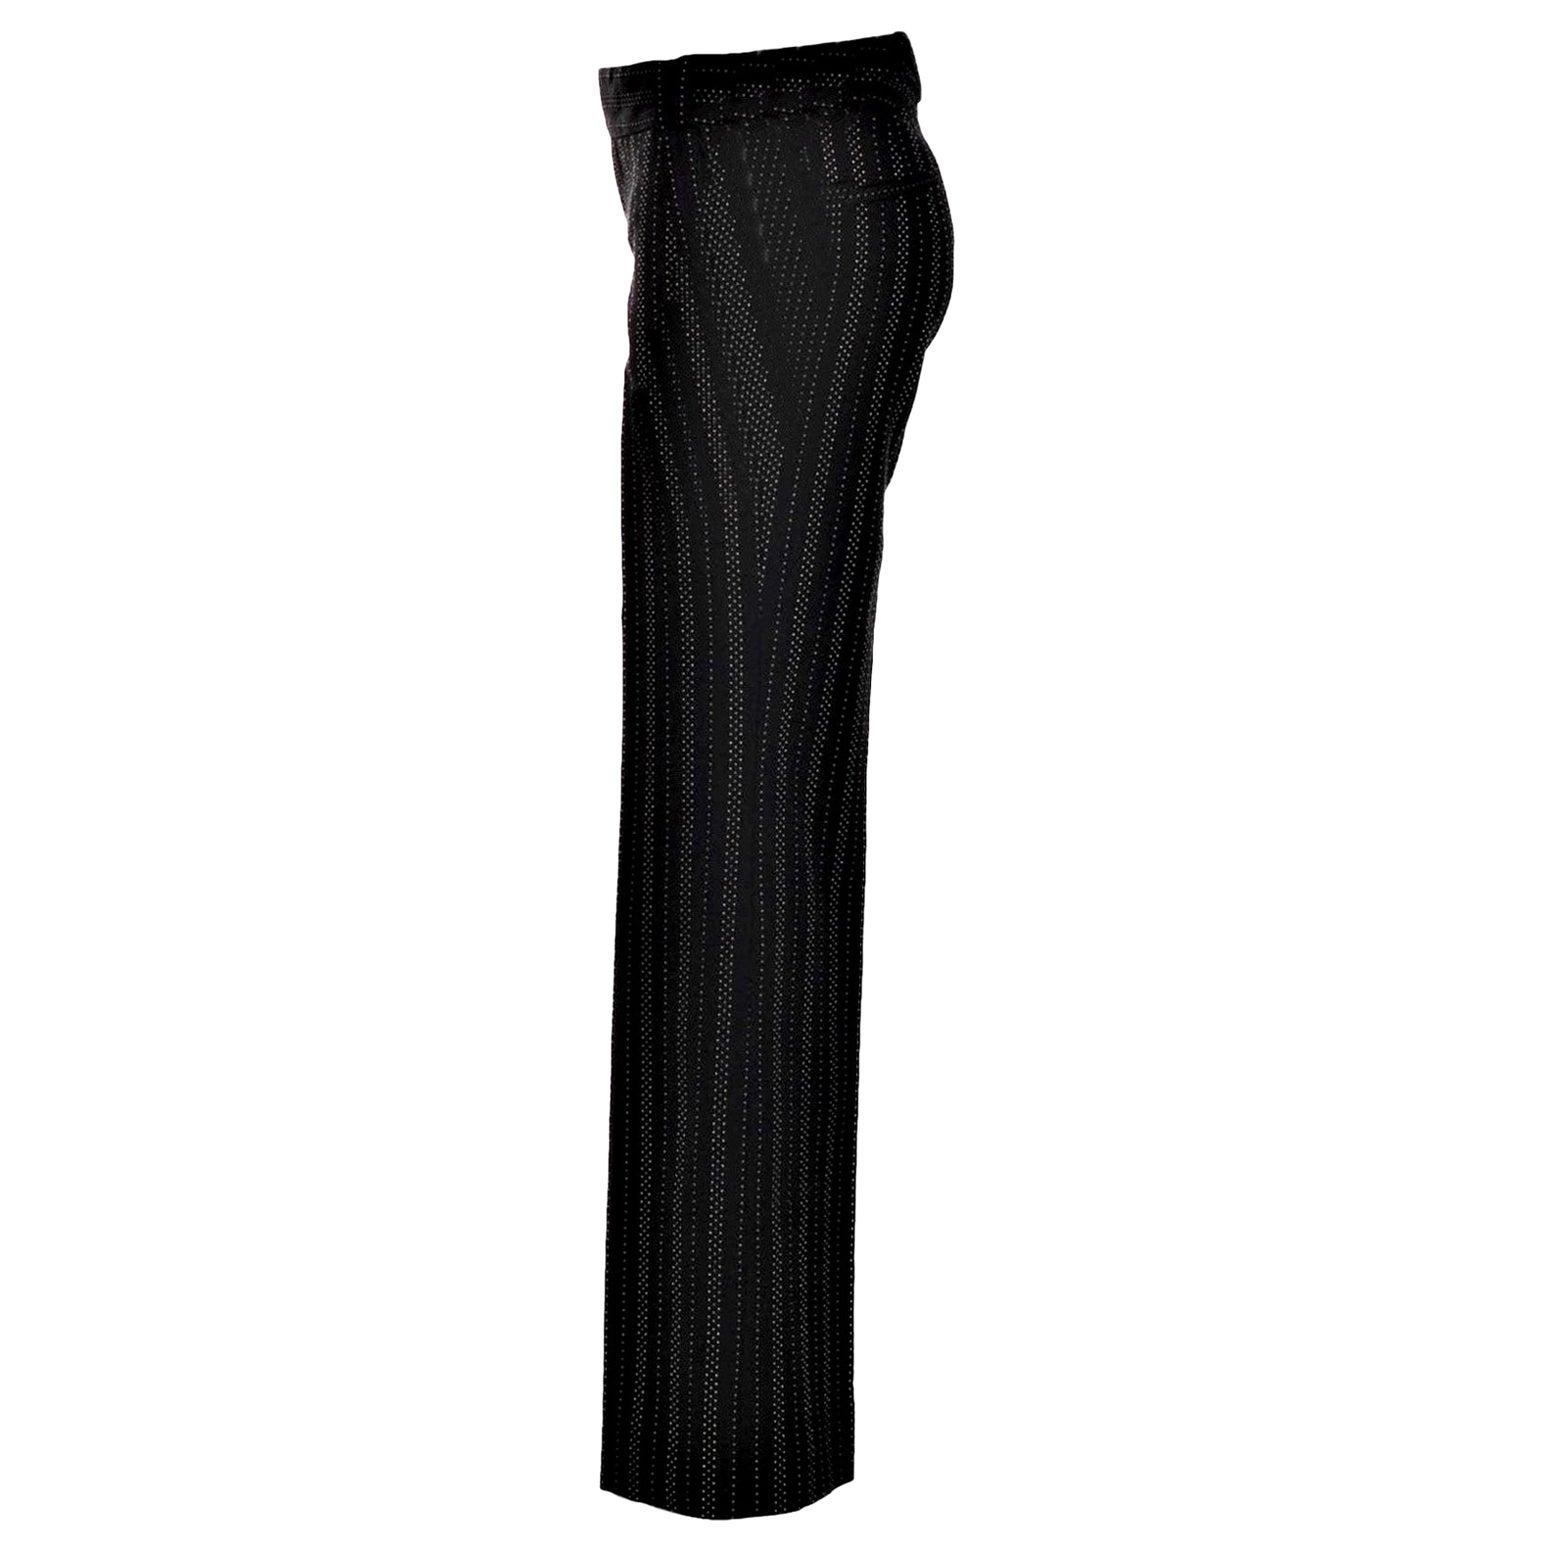 New Gucci 90th Anniversary Wool Runway Pants F/W 2011 Sz 38